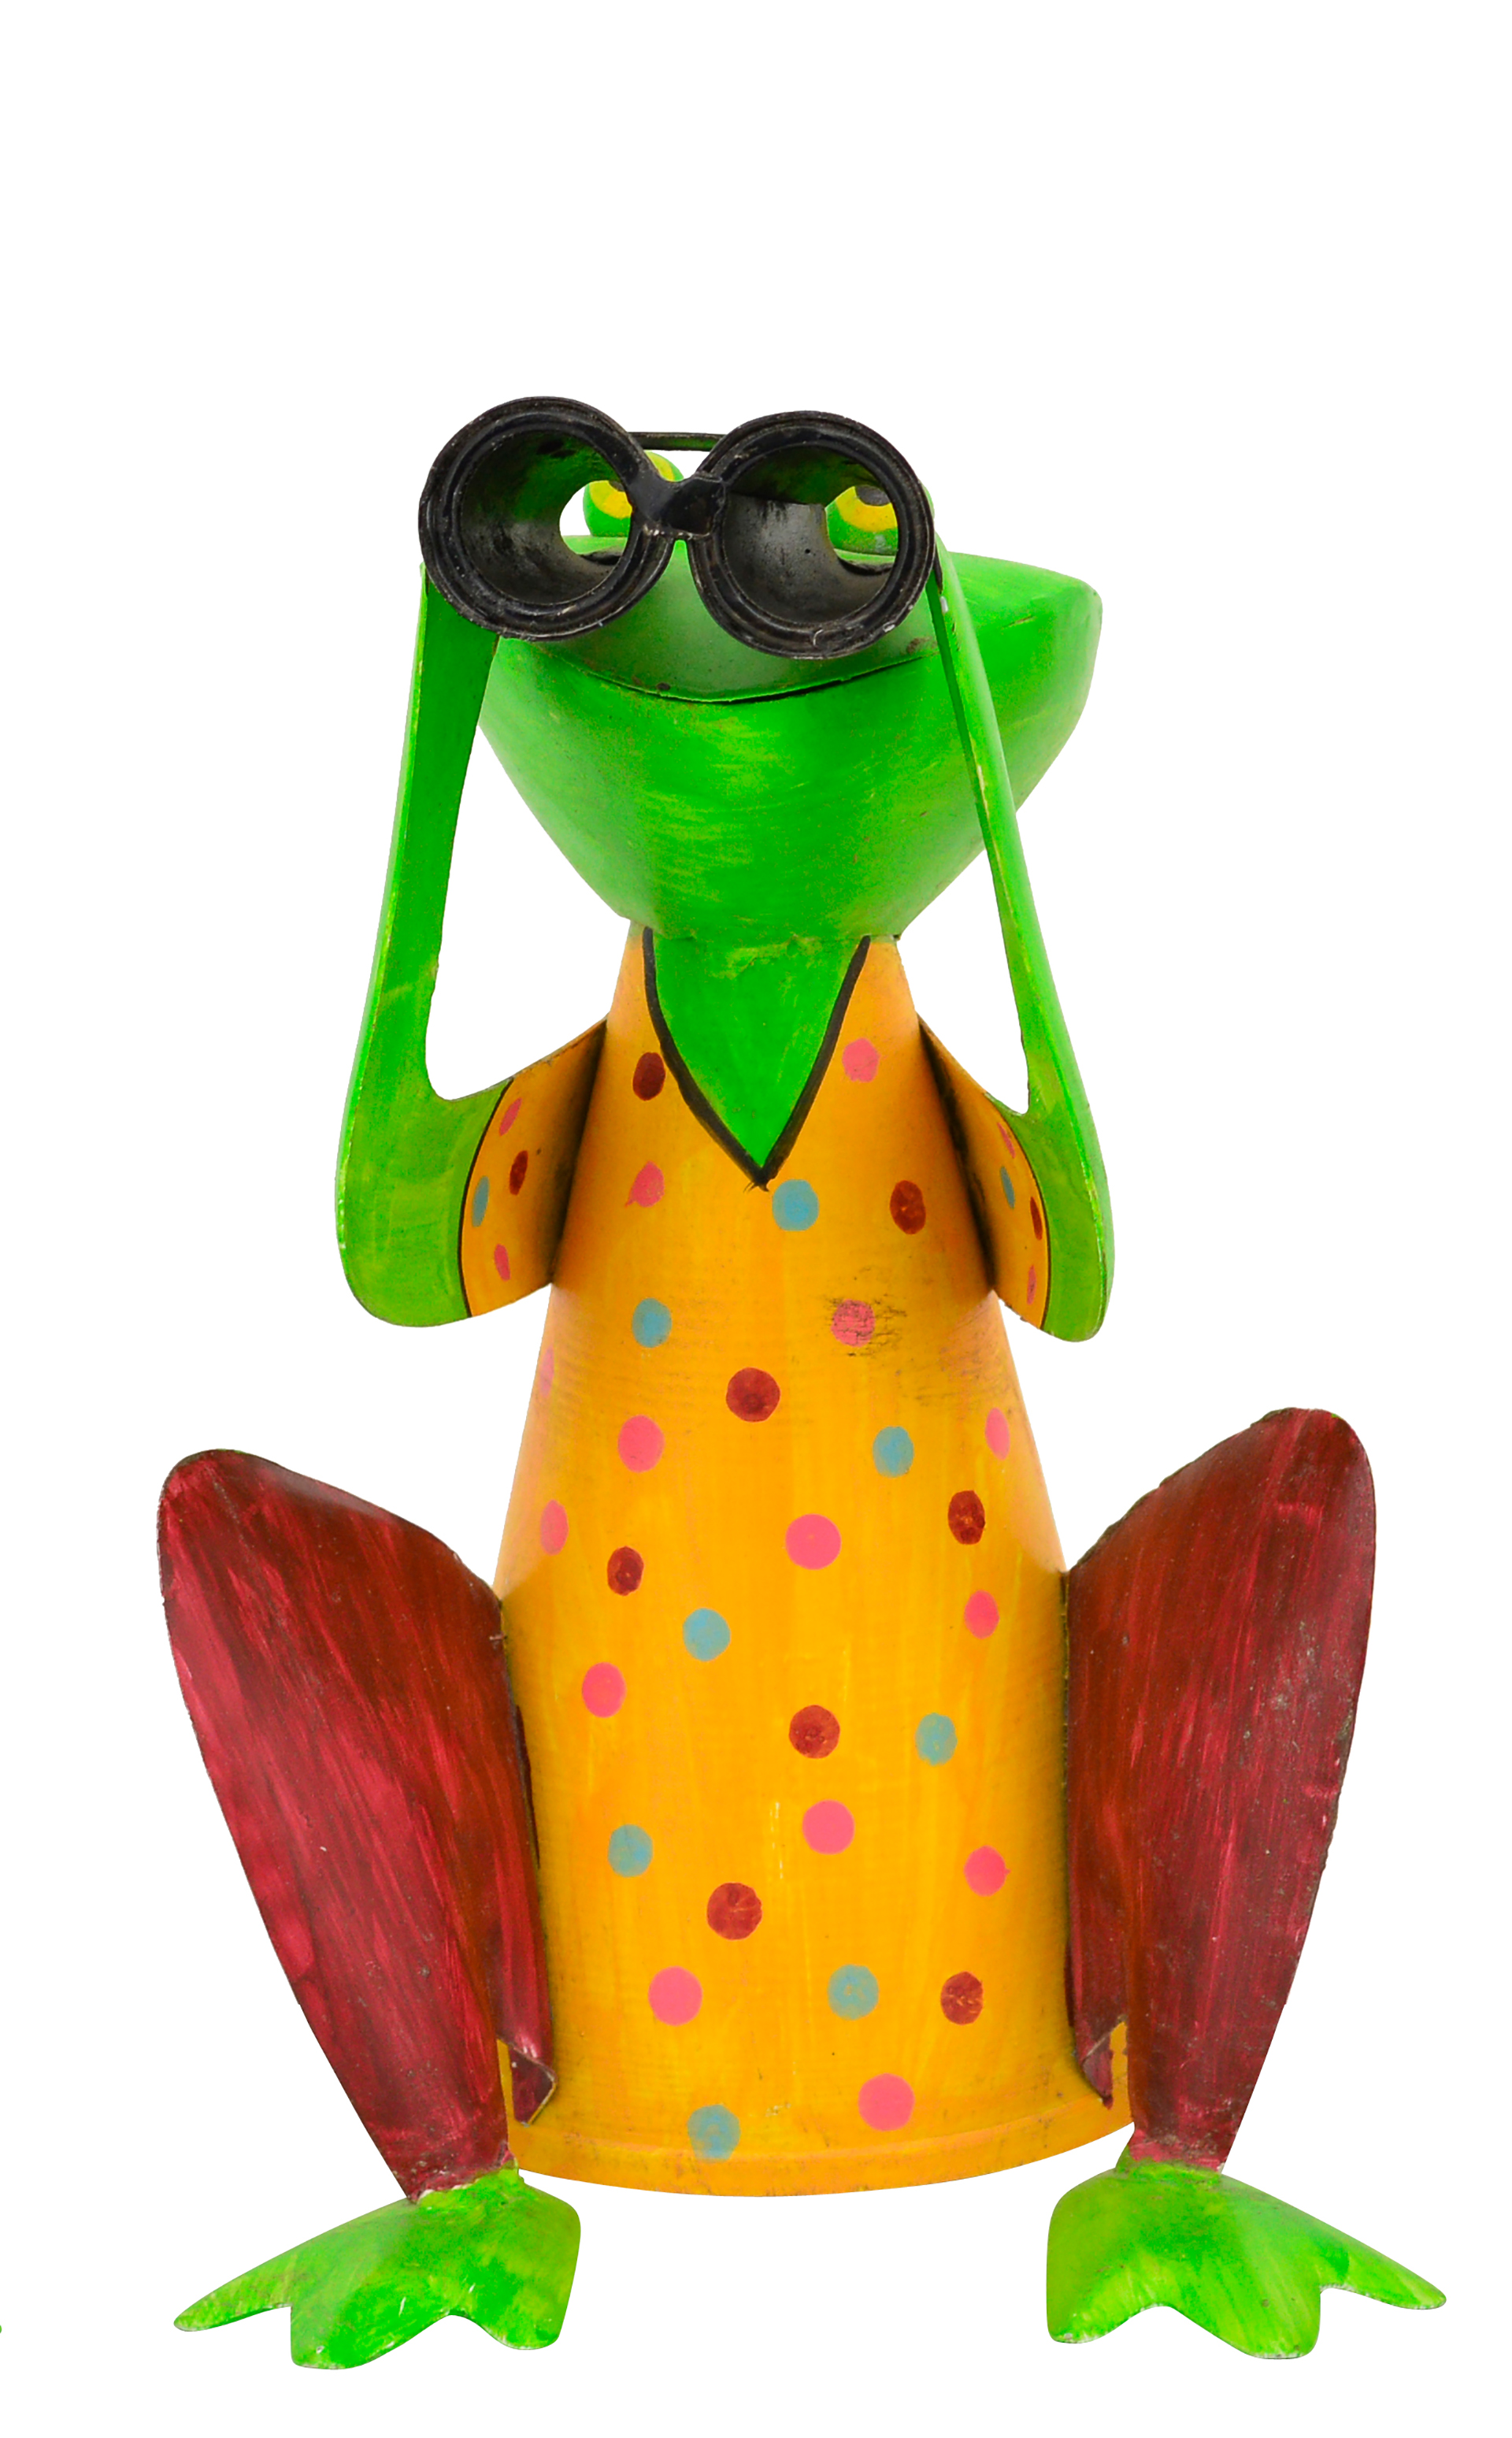 Zaunhocker Frosch hockend mit Fernglas, gelb mit Punkten